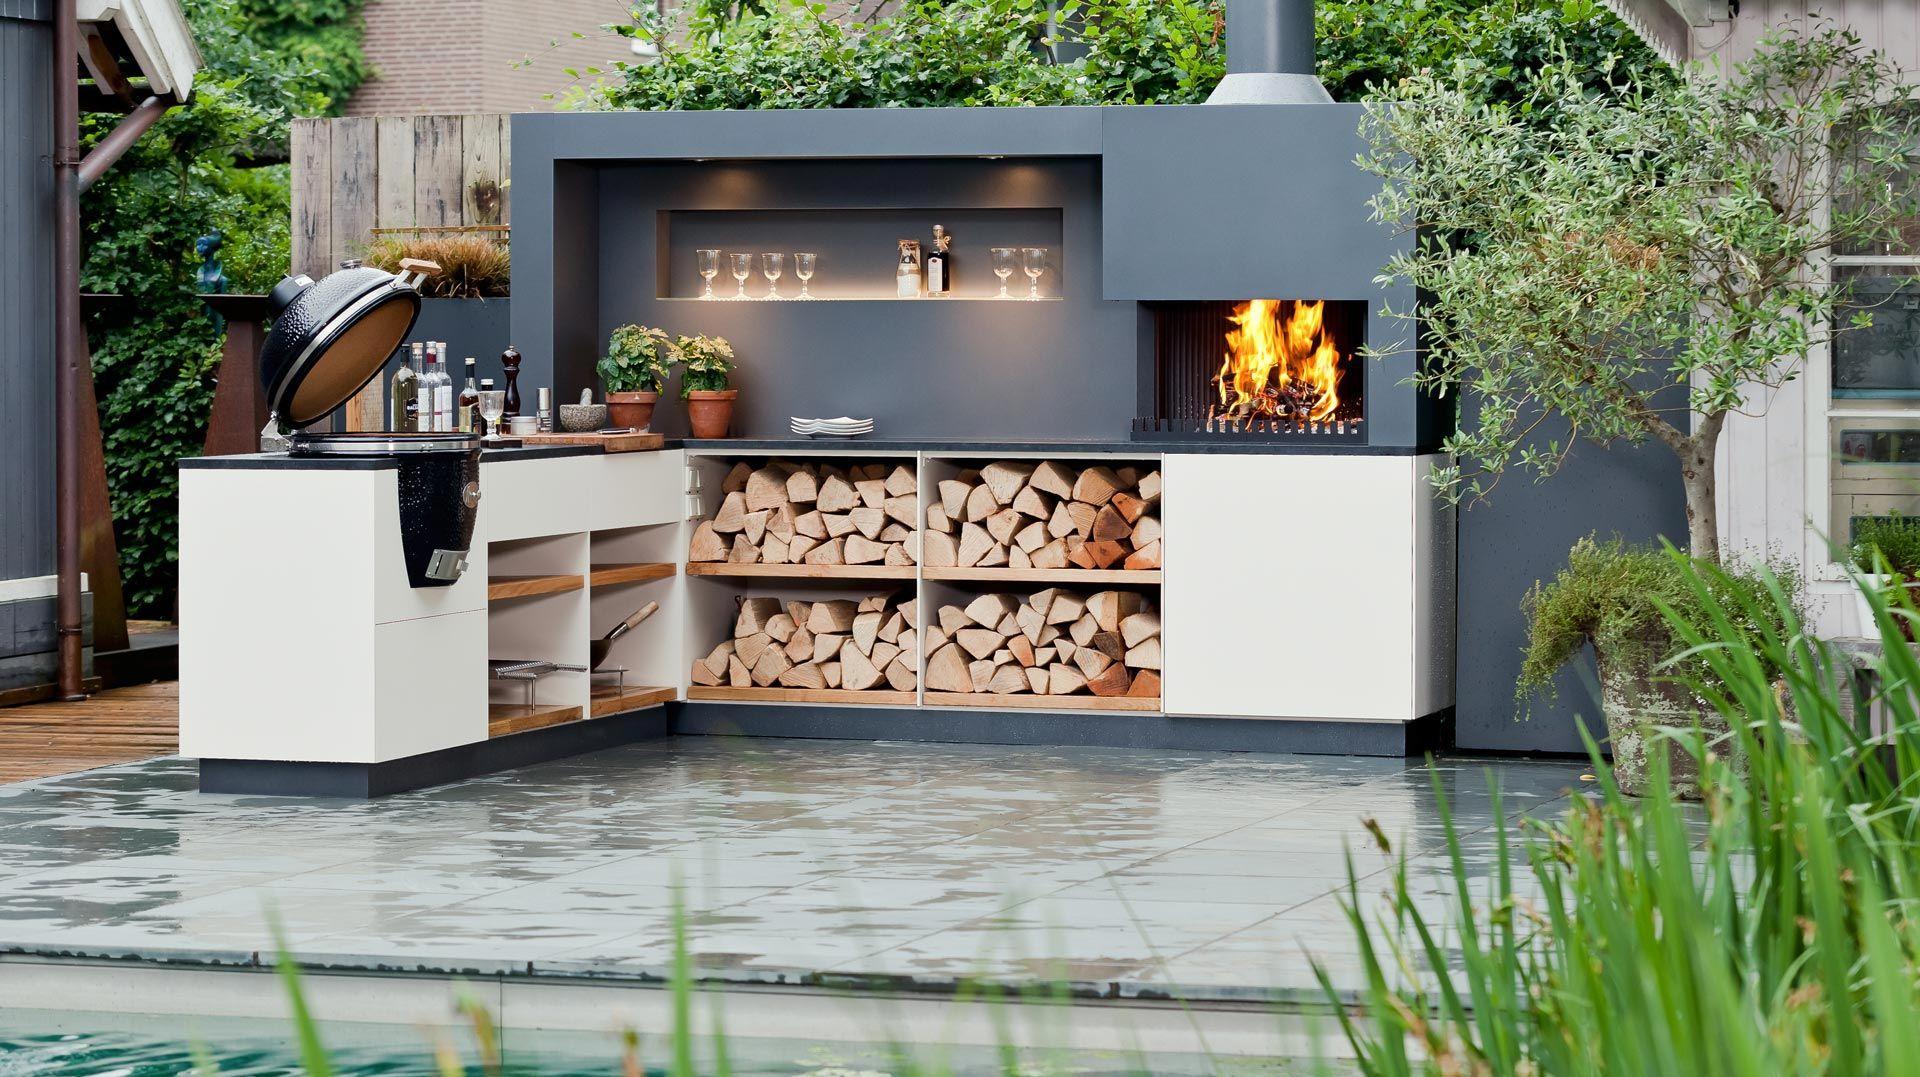 Outdoor Küche mit Monolith – gestalten Sie Ihre Premium Aussenküche